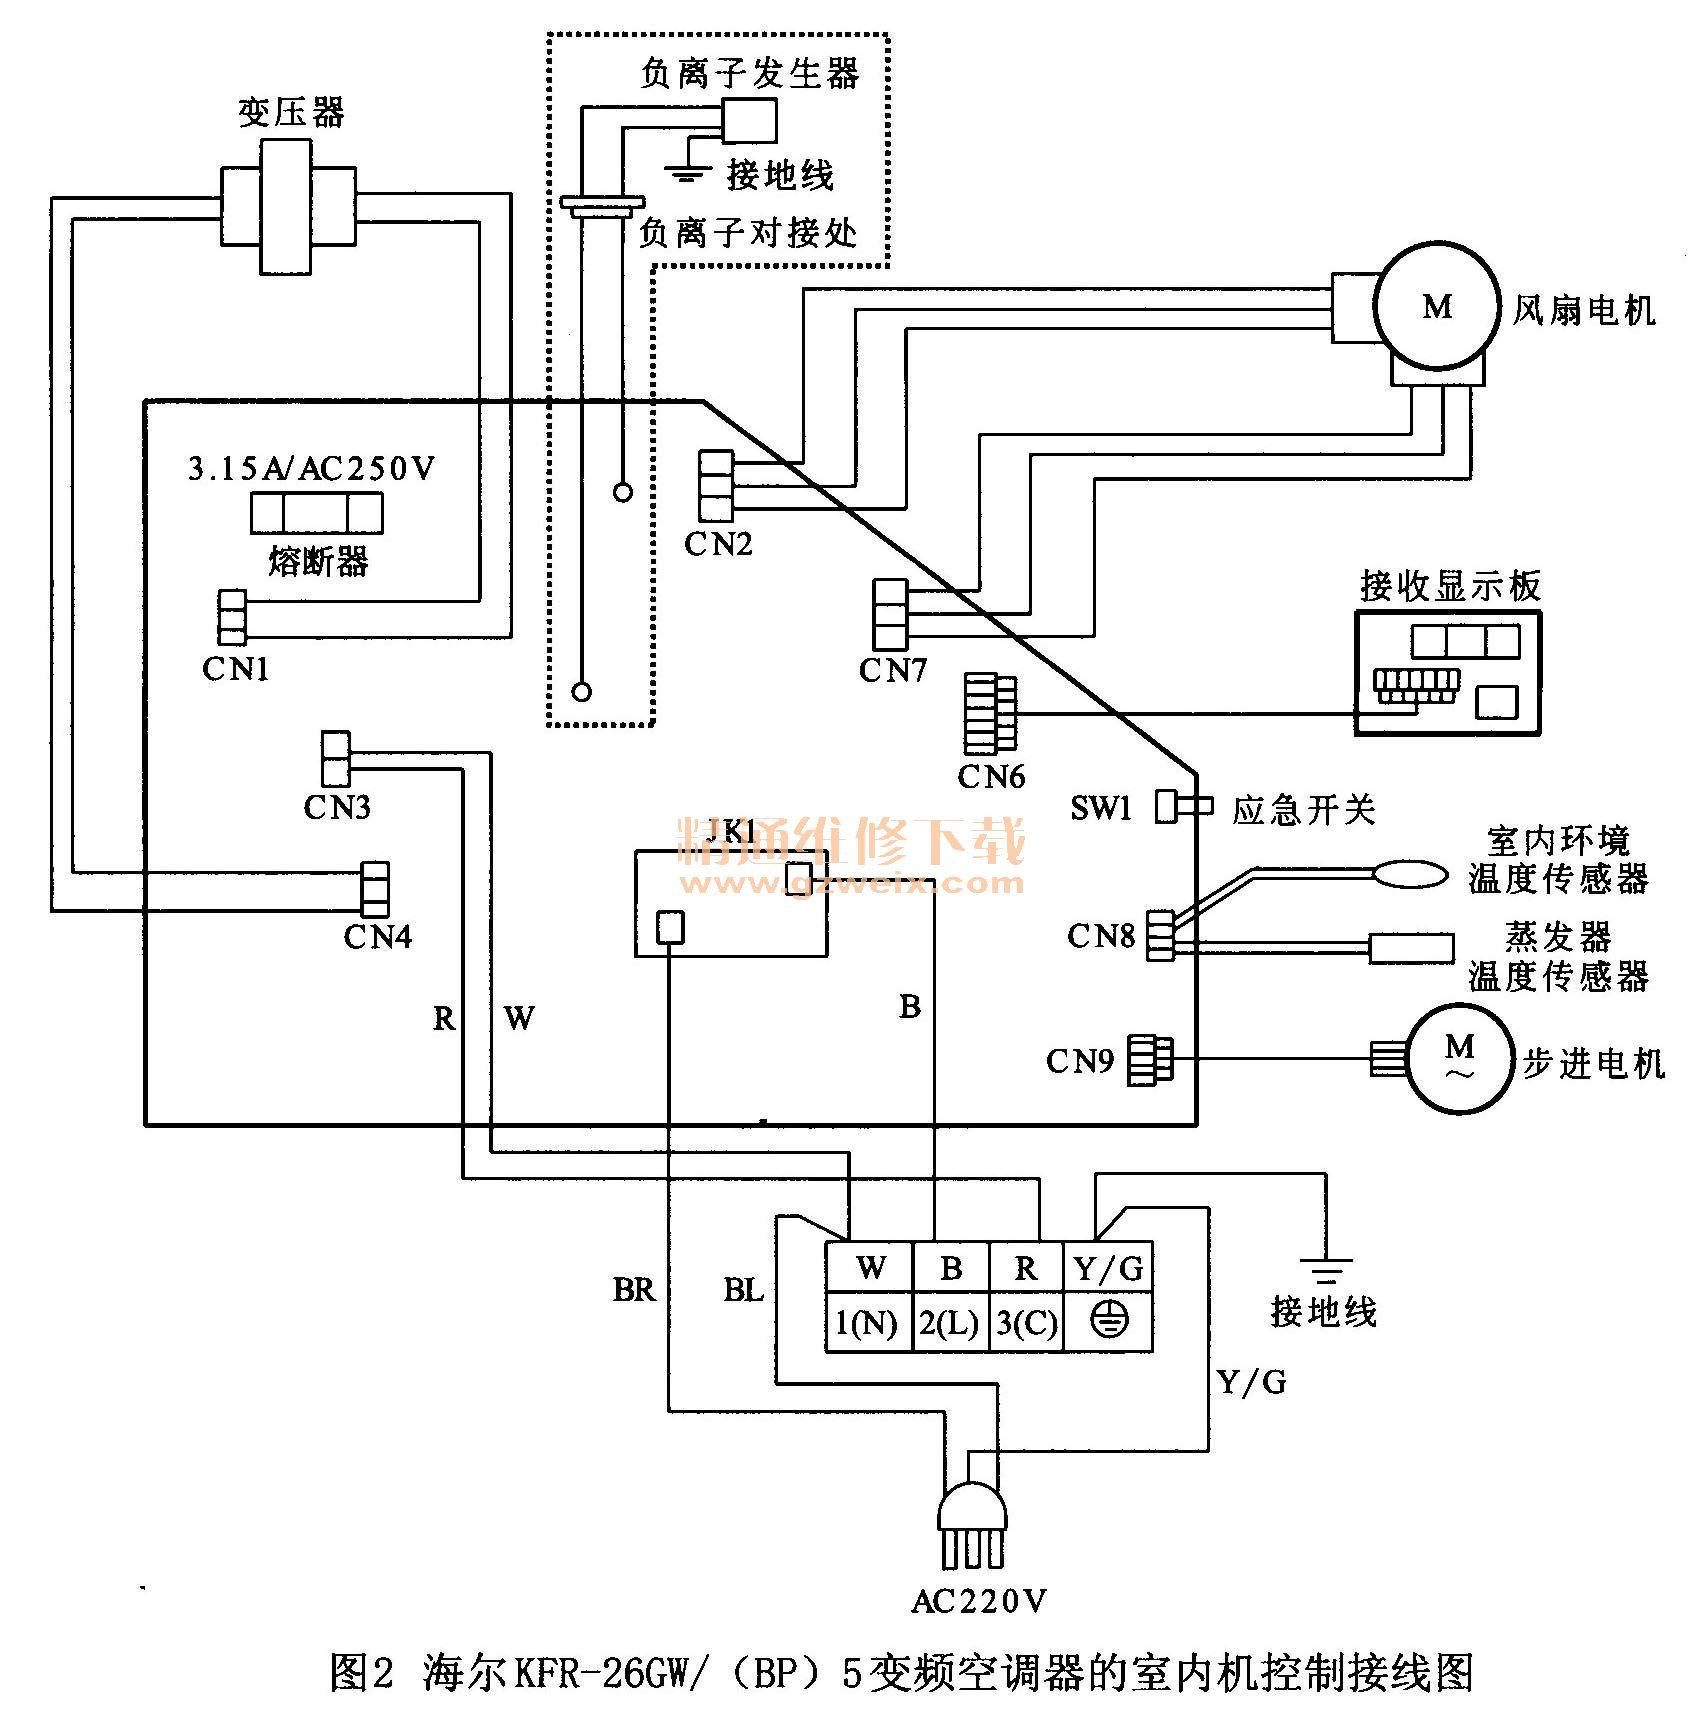 海尔KFR-26GW/(BP)5变频空调器为分体壁挂式变频空调器。该空调器出现故障后,可先查看该空调器的故障现象,根据故障现象分析出是否为制冷管路故障或电路故障,查找相关资料,或电路图(维修手册)等,再对该空调器进行检修,如图1所示为该变频空调器的实物外形。  如图2所示为海尔KFR-26GW/(BP)5变频空调器的室内机控制接线图。交流220V经滤波器JK1送入室内机控制电路板中,再经变压器降压处理后,由电源电路将低压交流进行整流、滤波、稳压处理后,为控制电路板中的控制电路、温度检测电路、稳压电路等提供